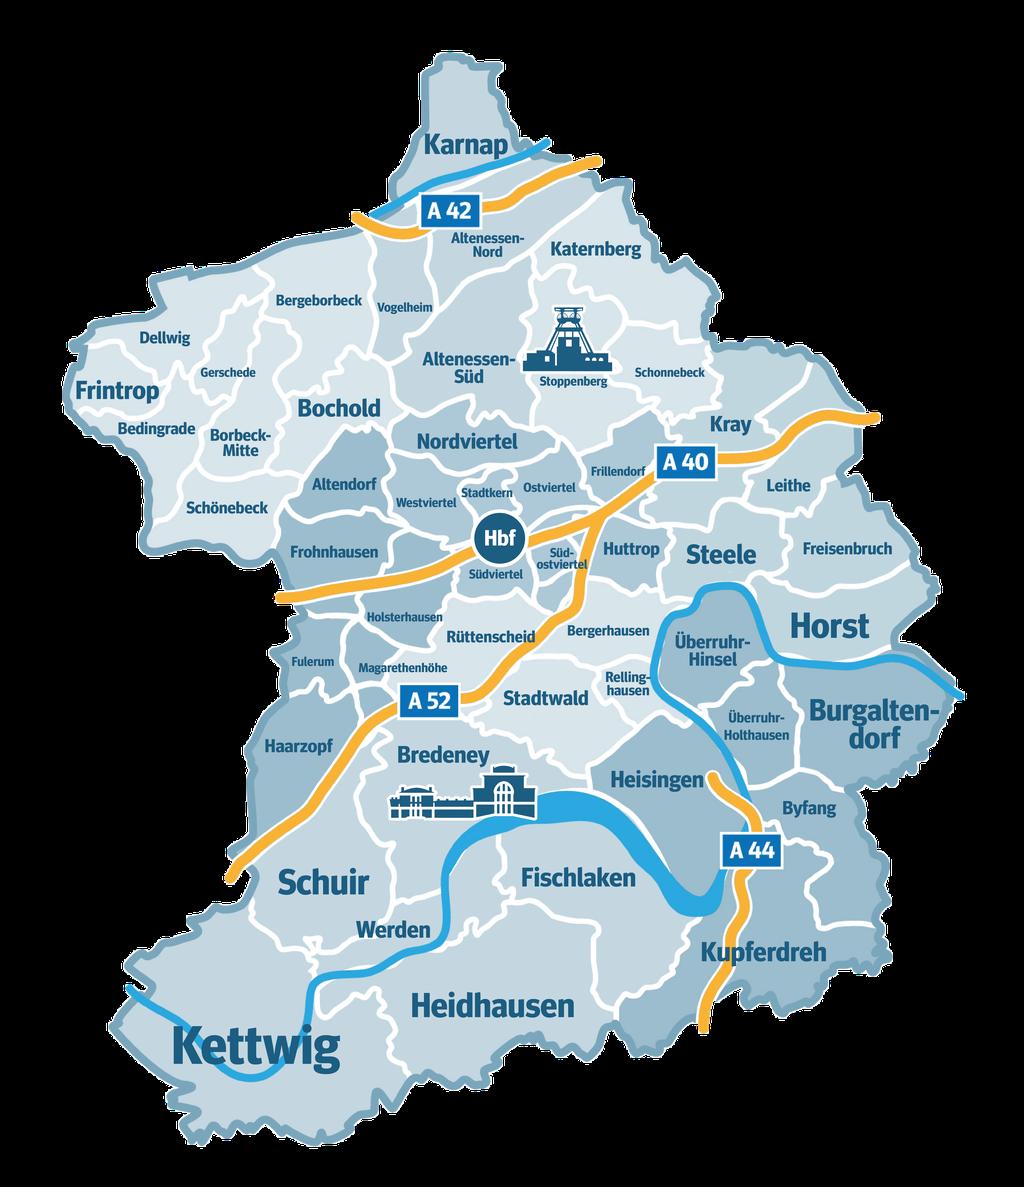 Herne Karte Stadtteile.Stadtkarten Von Essen Stadtteile Lieblingsorte Luftbilder